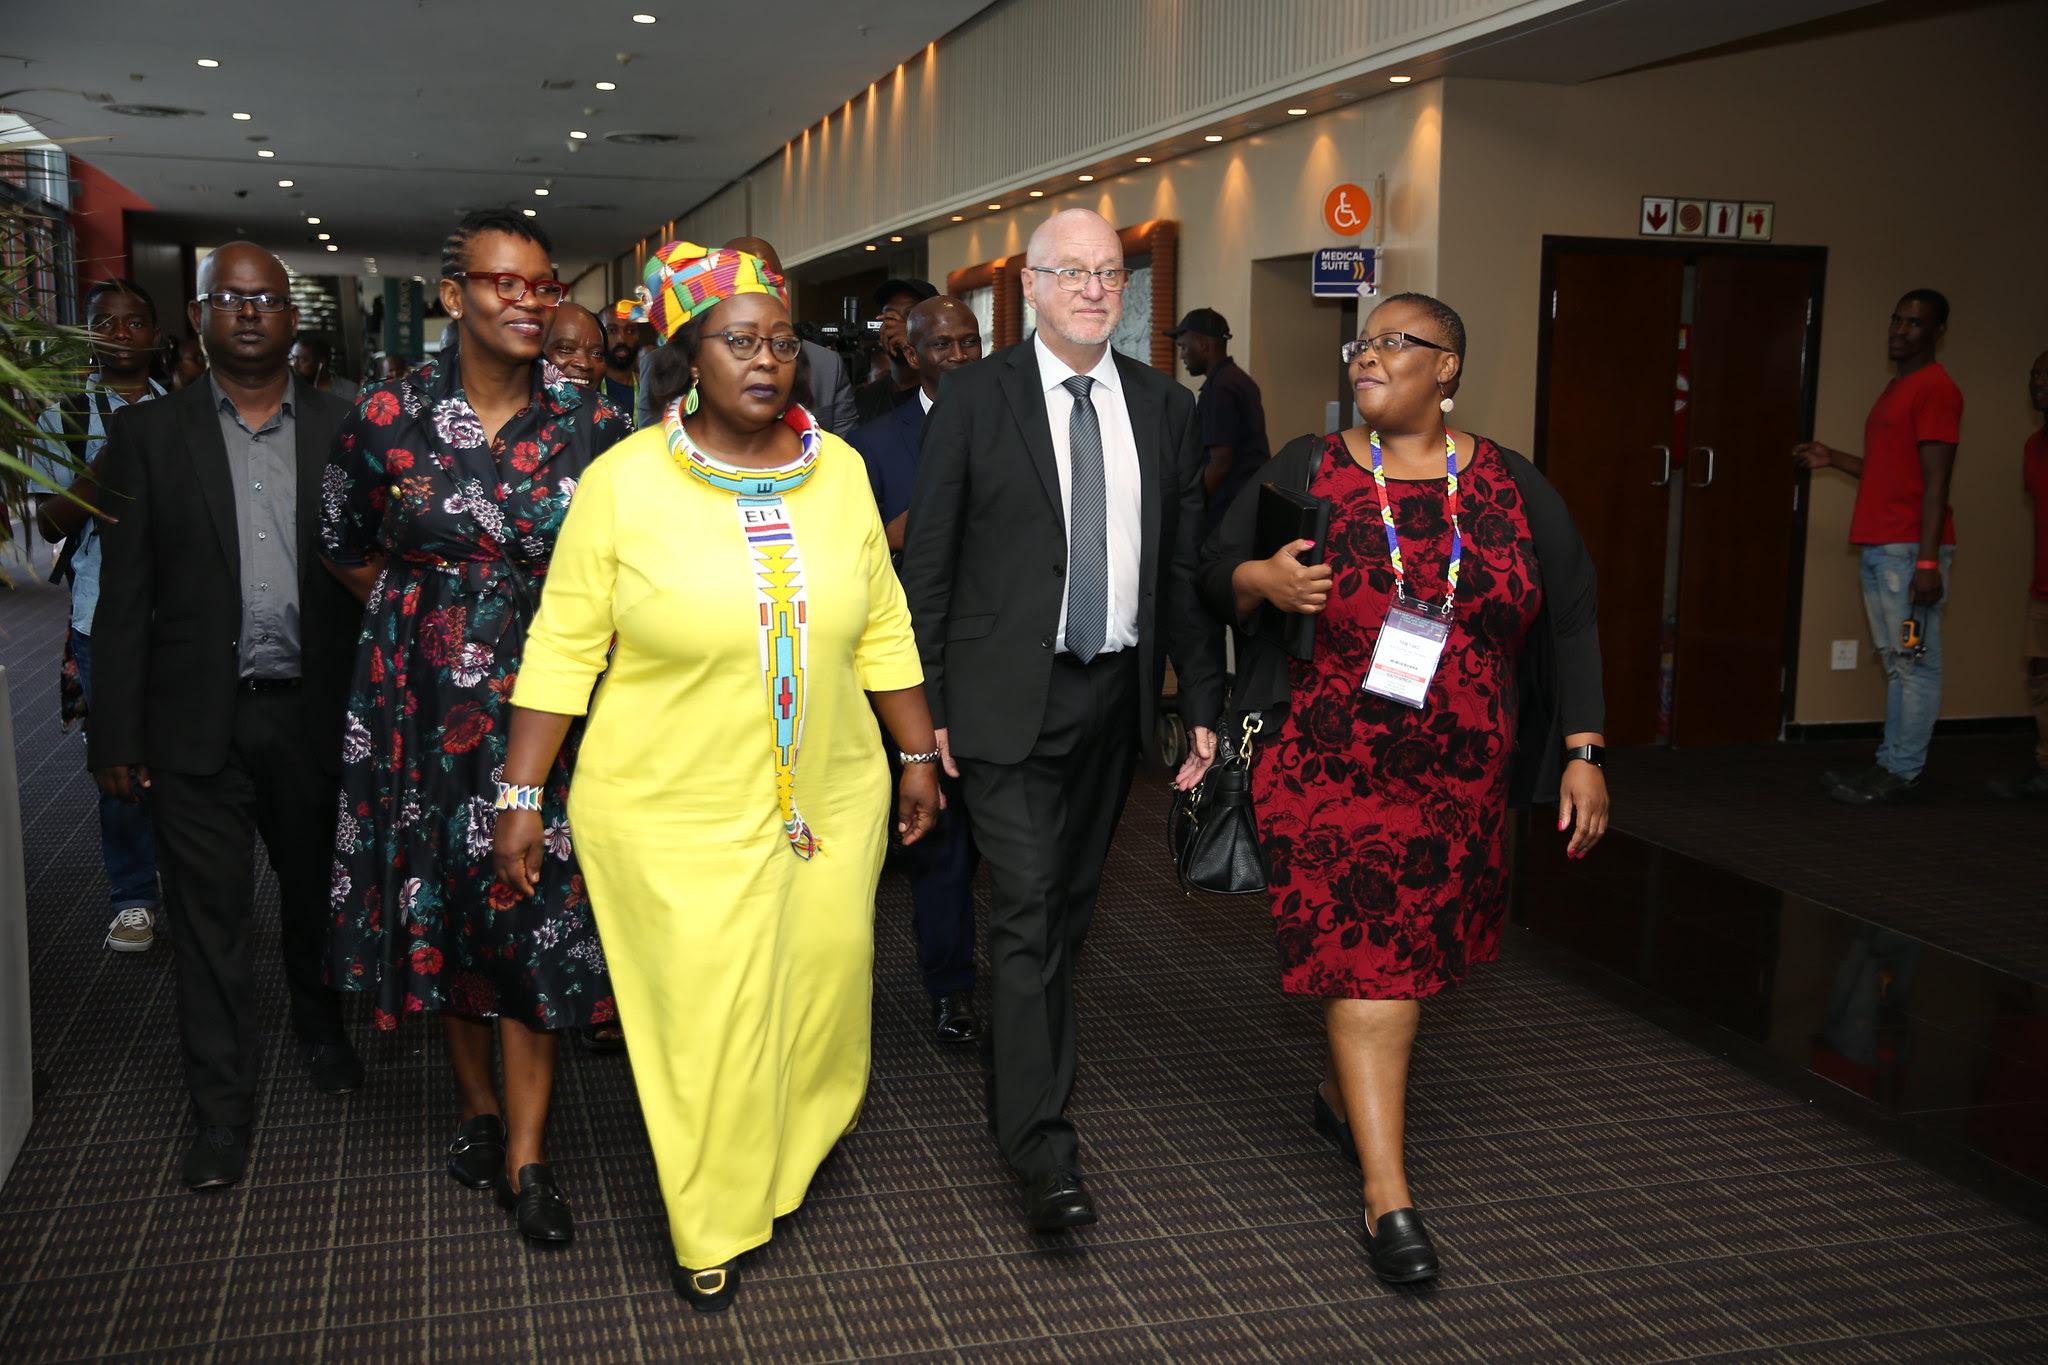 Maior feira de turismo do continente africano destaca o turismo responsável